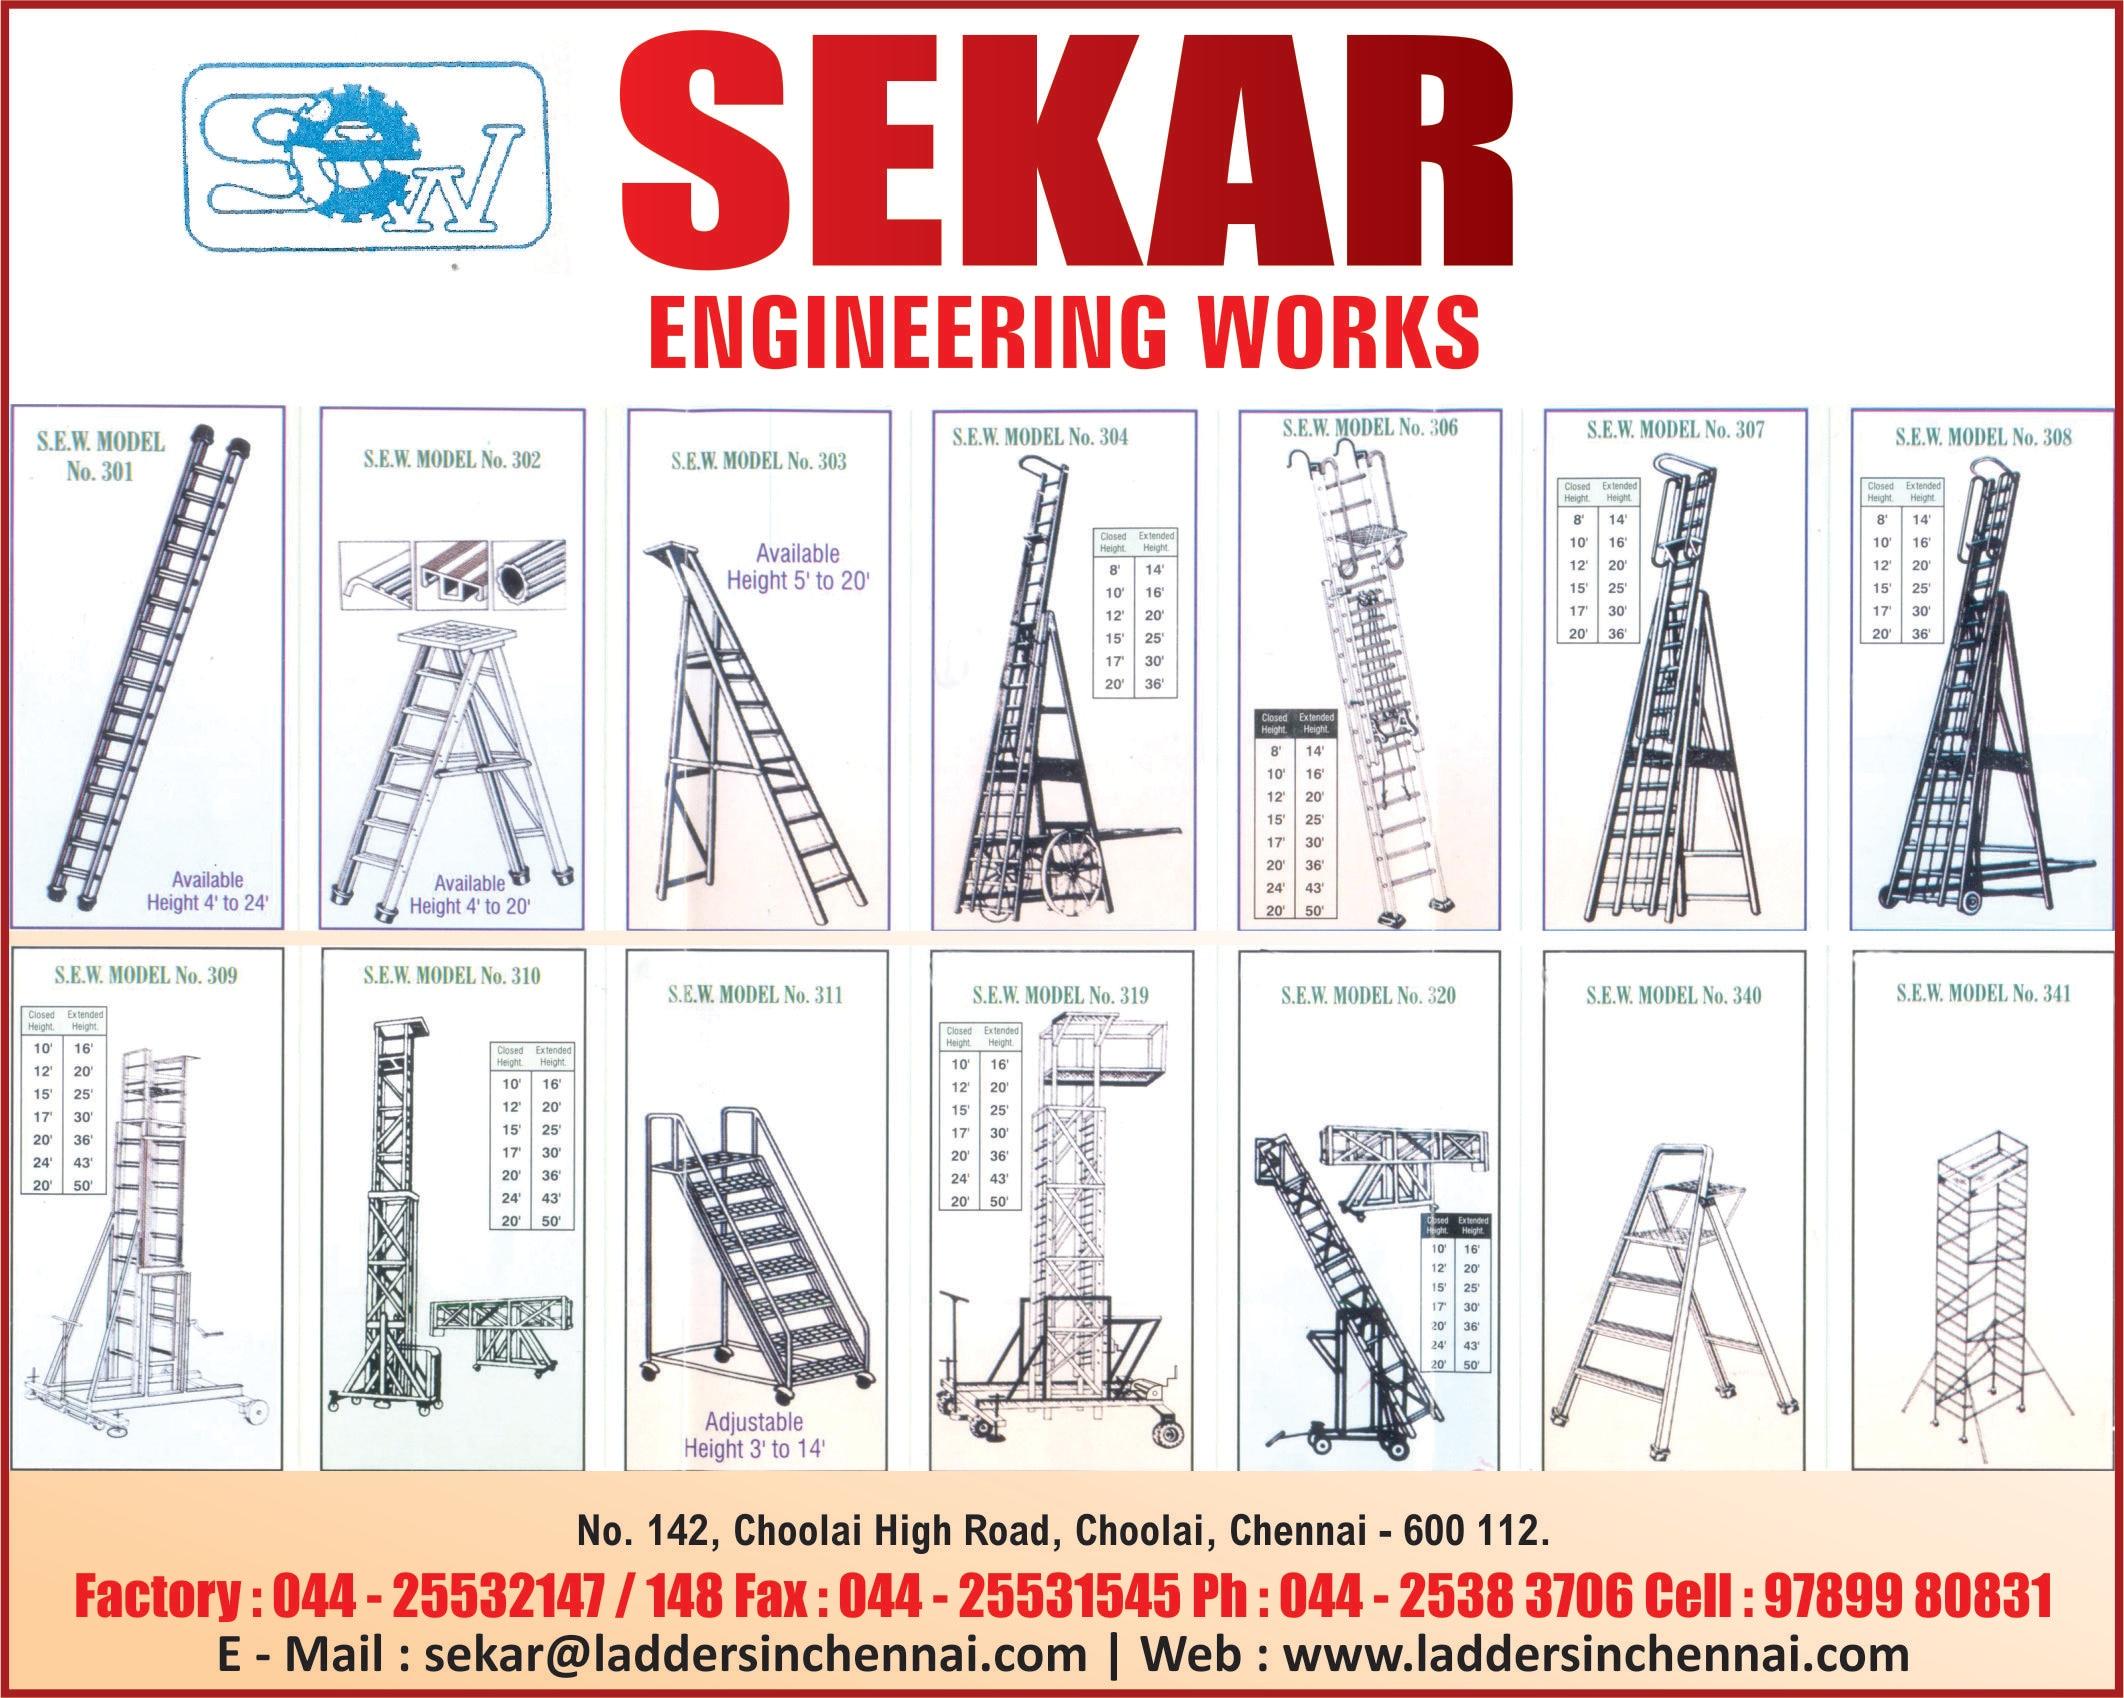 SEKAR ENGINEERING WORKS 9791034320